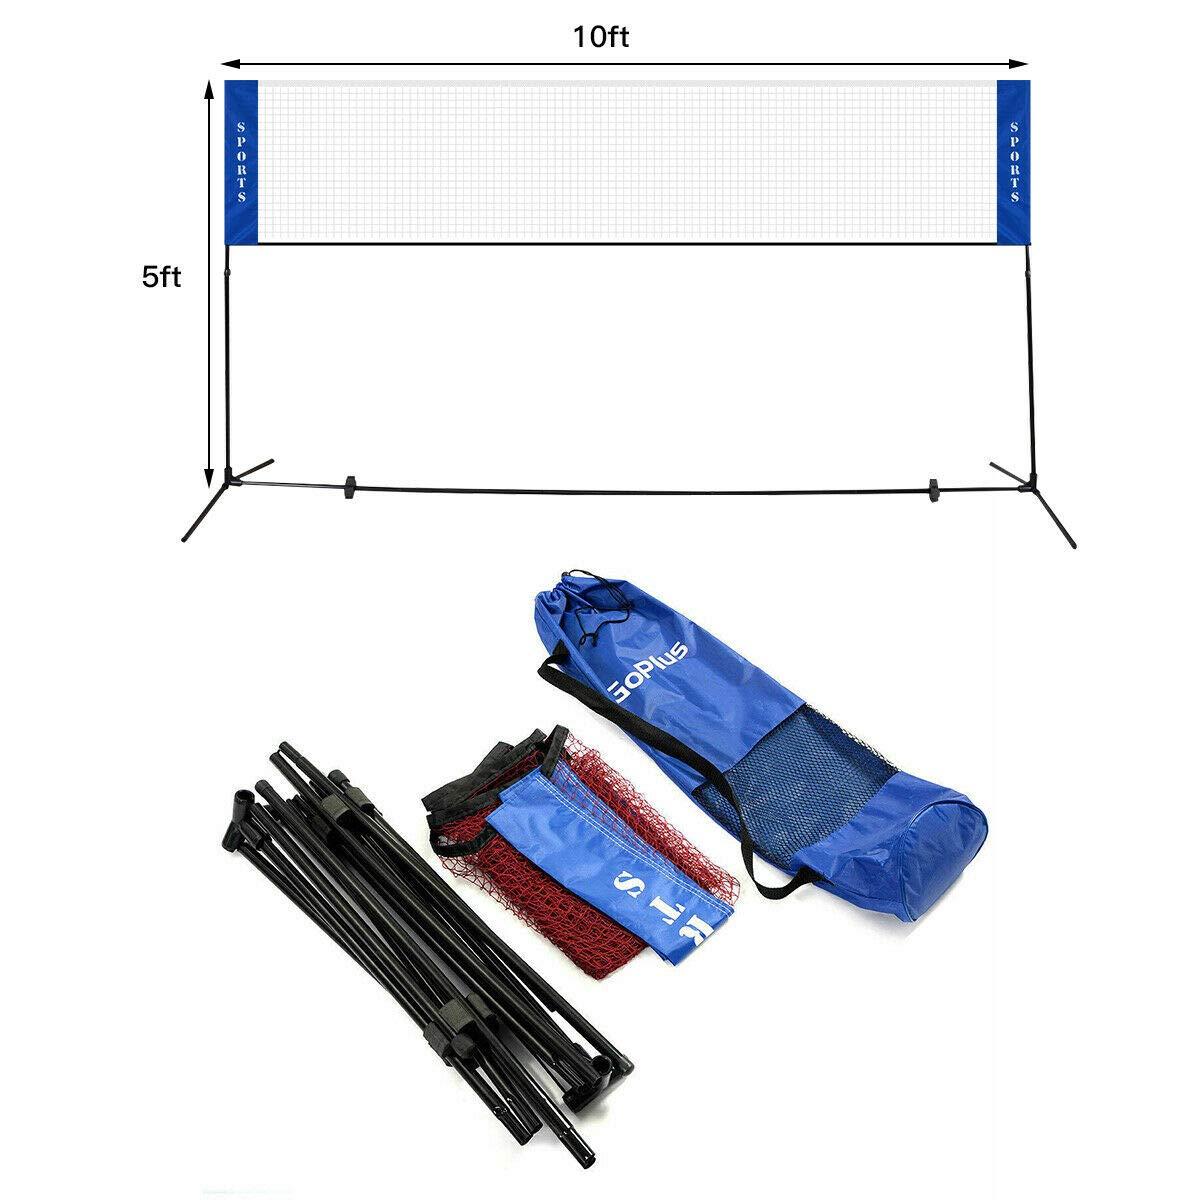 ビーチバレーボールテニスバドミントンポータブルネットトレーニング携帯バッグセット10 x 5 ft